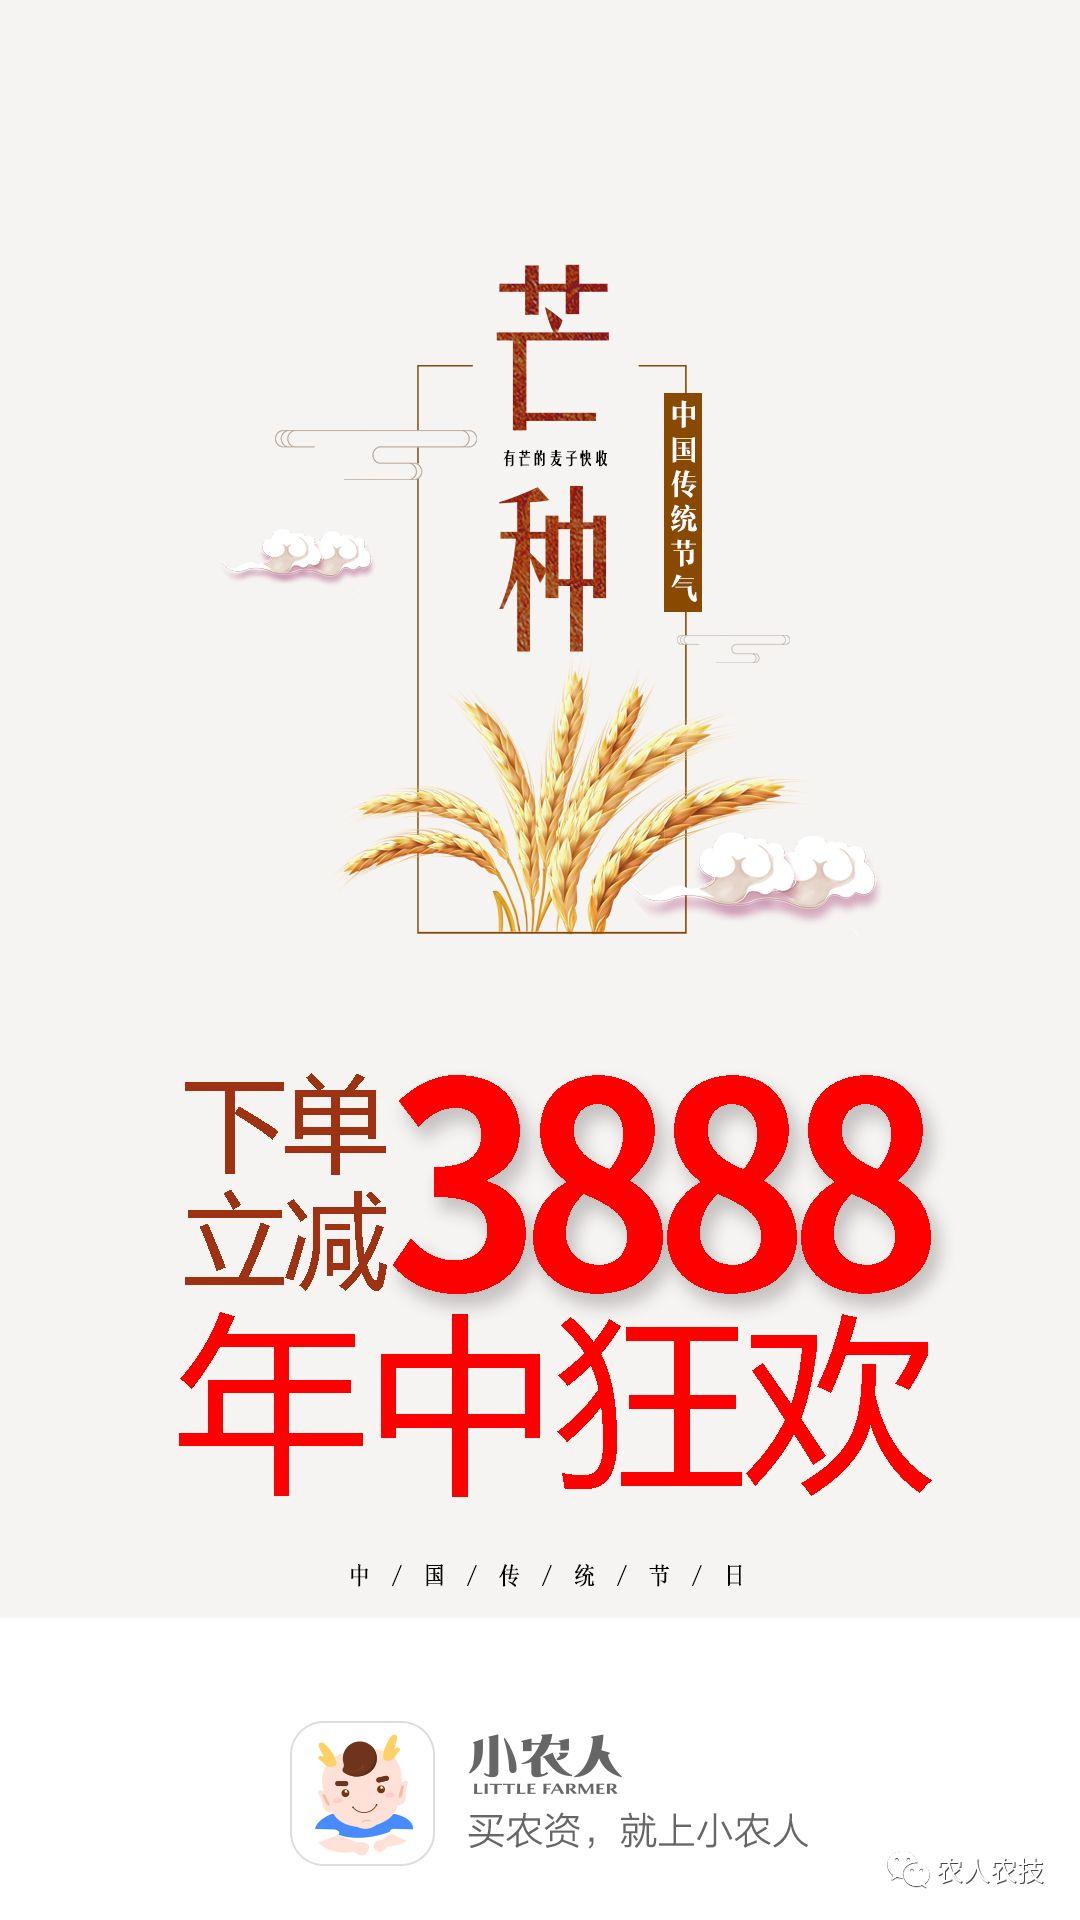 水稻成长过程绘画作品